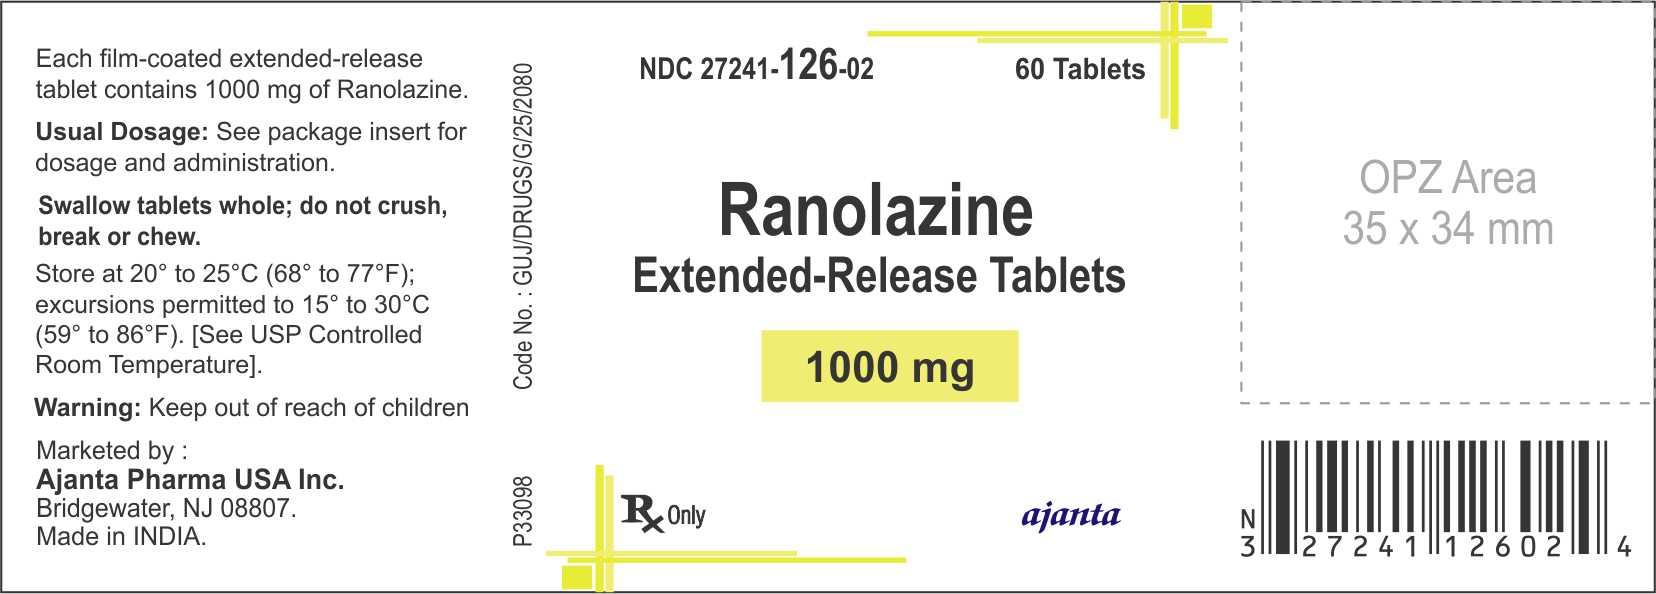 ranolazine_1000mg